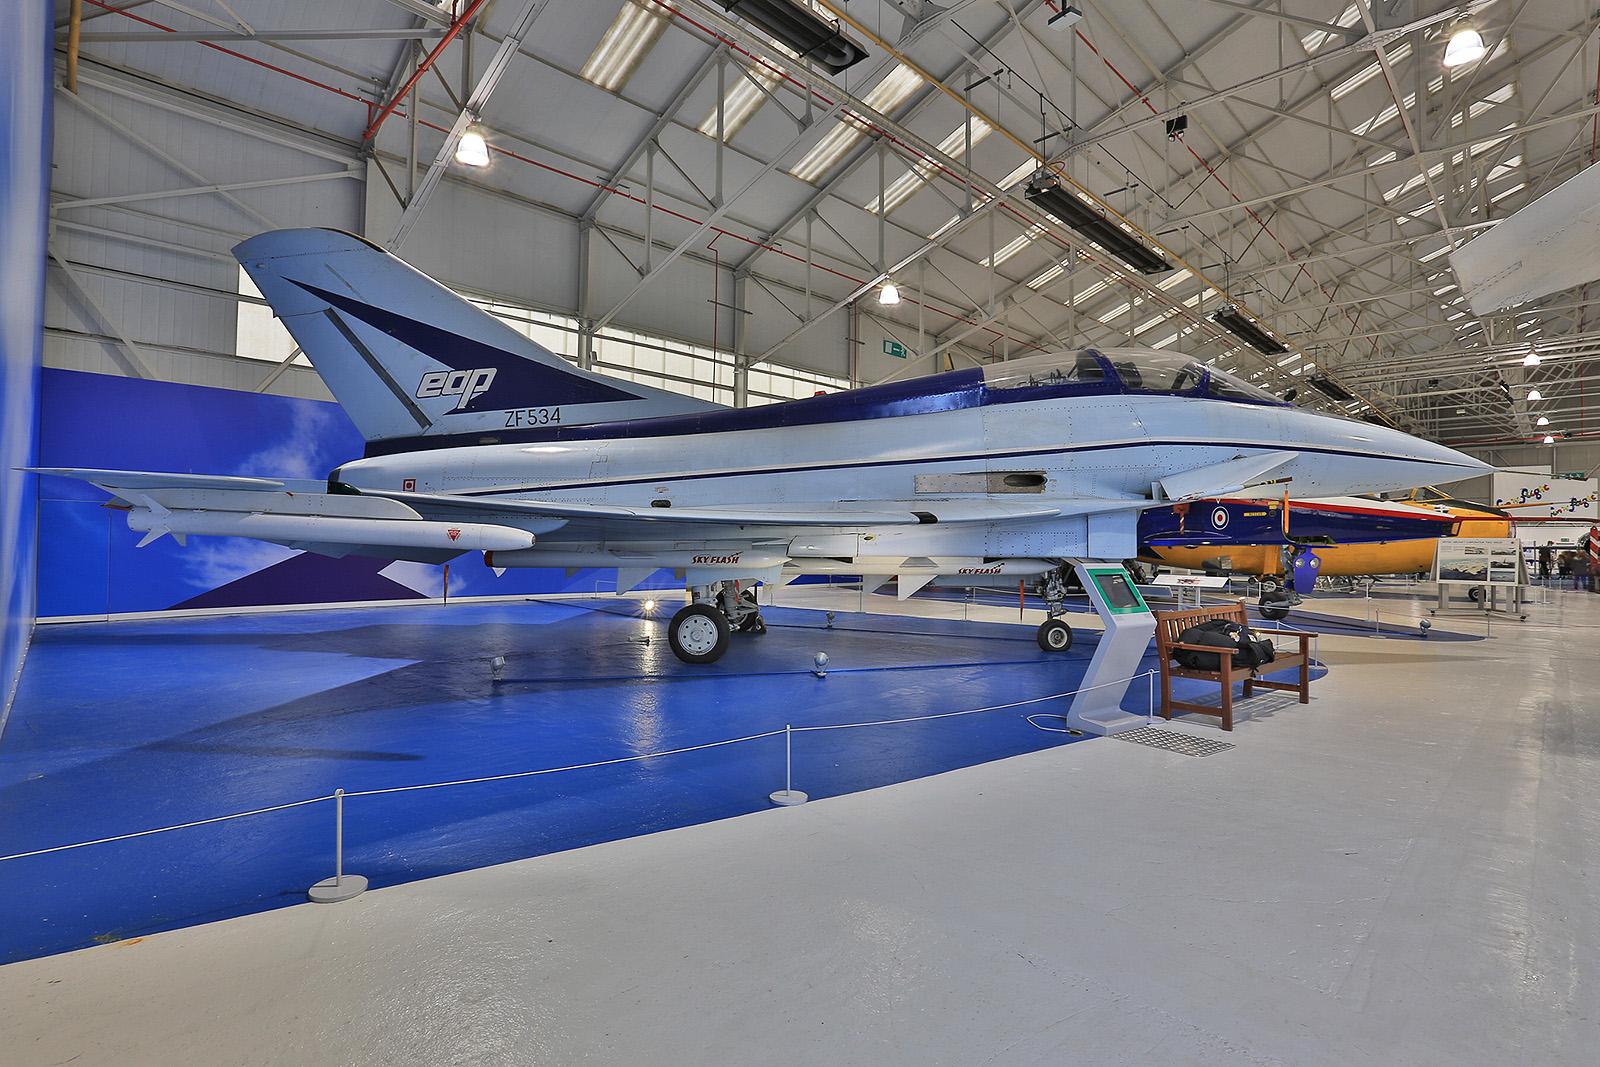 Mit dem EAP wurde der Grundstein für den Eurofighter Typhoon gelegt.